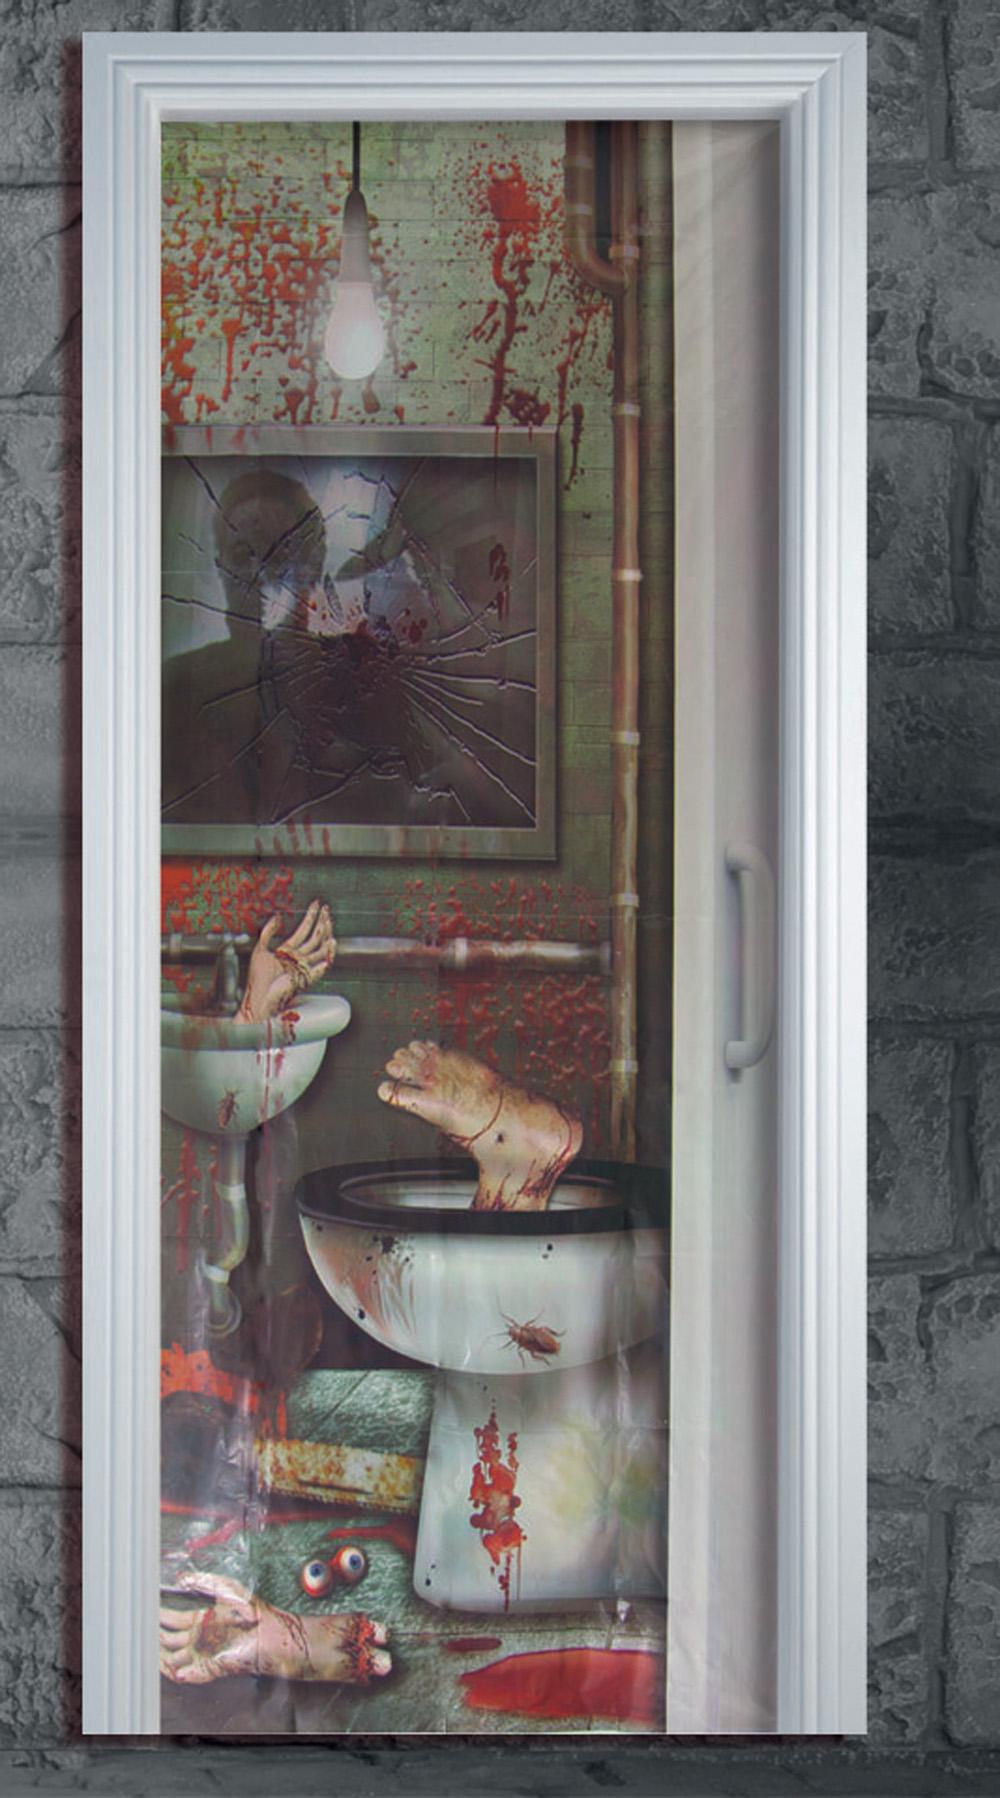 Affiche Salle De Bain ~ halloween salle de bain wc affiche porte d coration pour f te